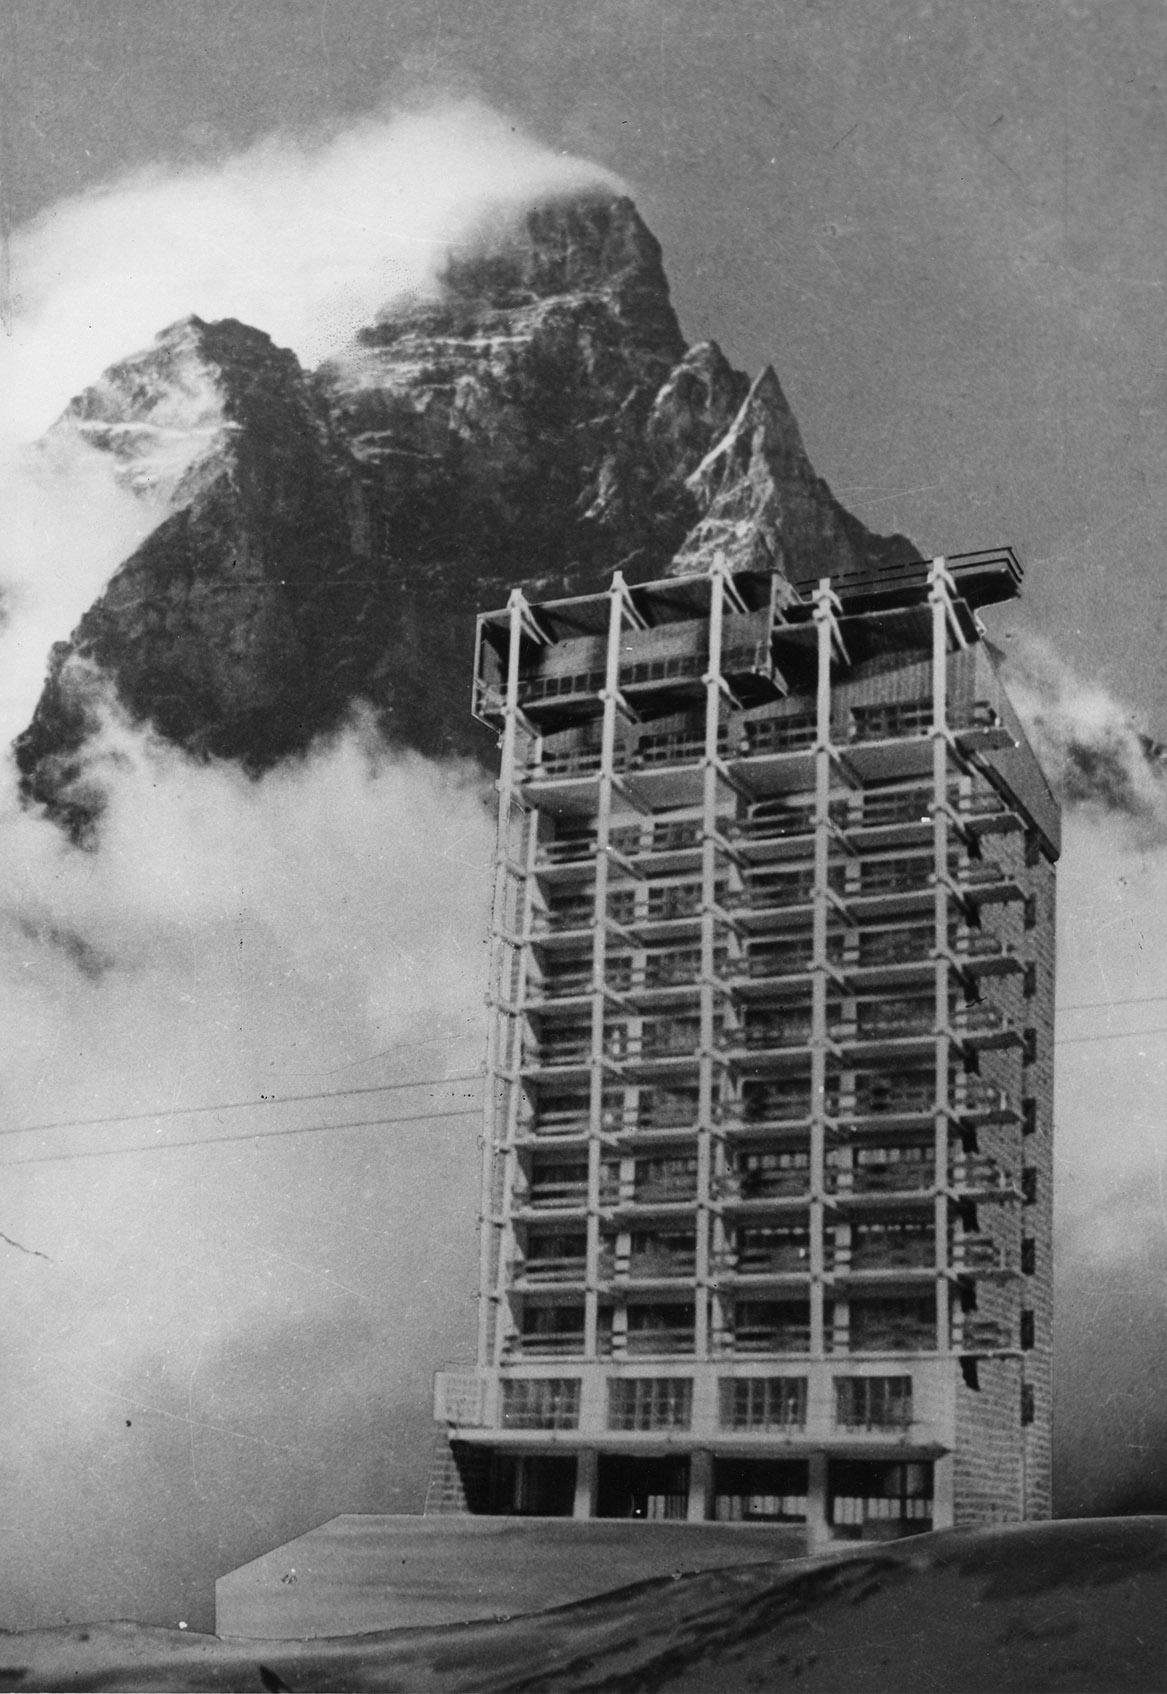 Carlo Mollino e Riccardo Moncalvo - Casa del Sole, Cervinia, fotomontaggio, 1955 circa. Courtesy ofPolitecnico di Torino, sezione Archivi biblioteca